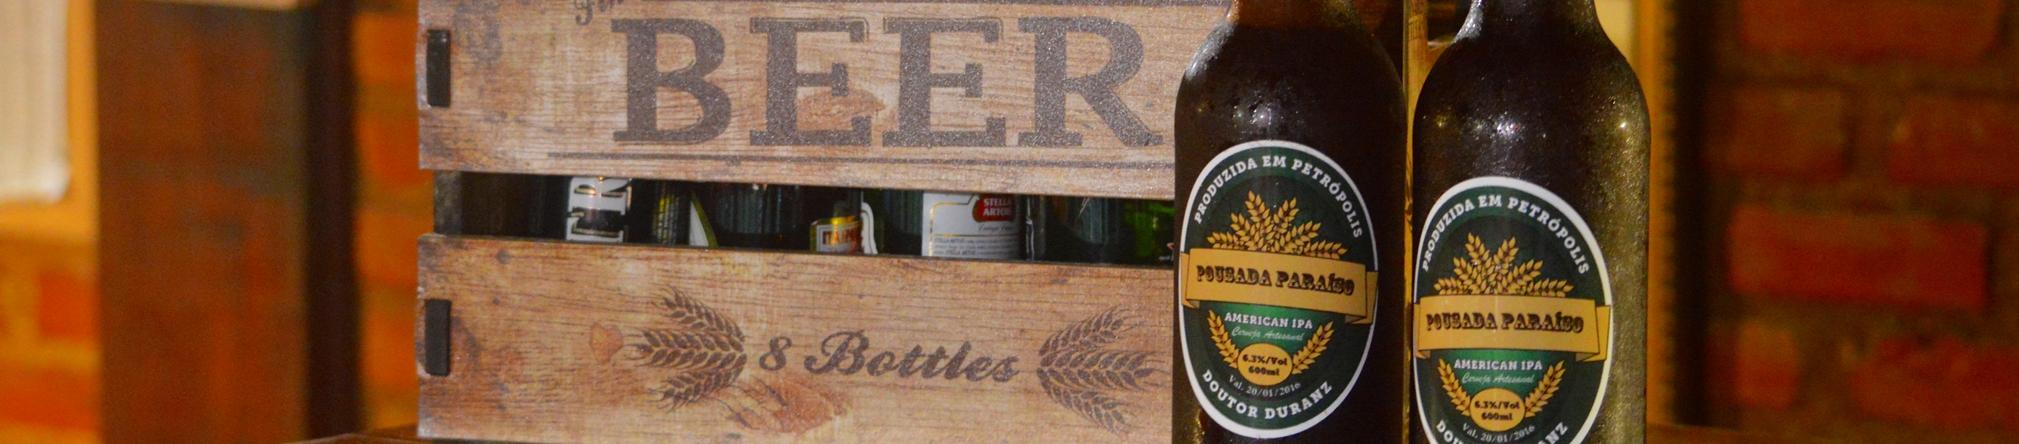 cerveja pousada paraiso  para site banner